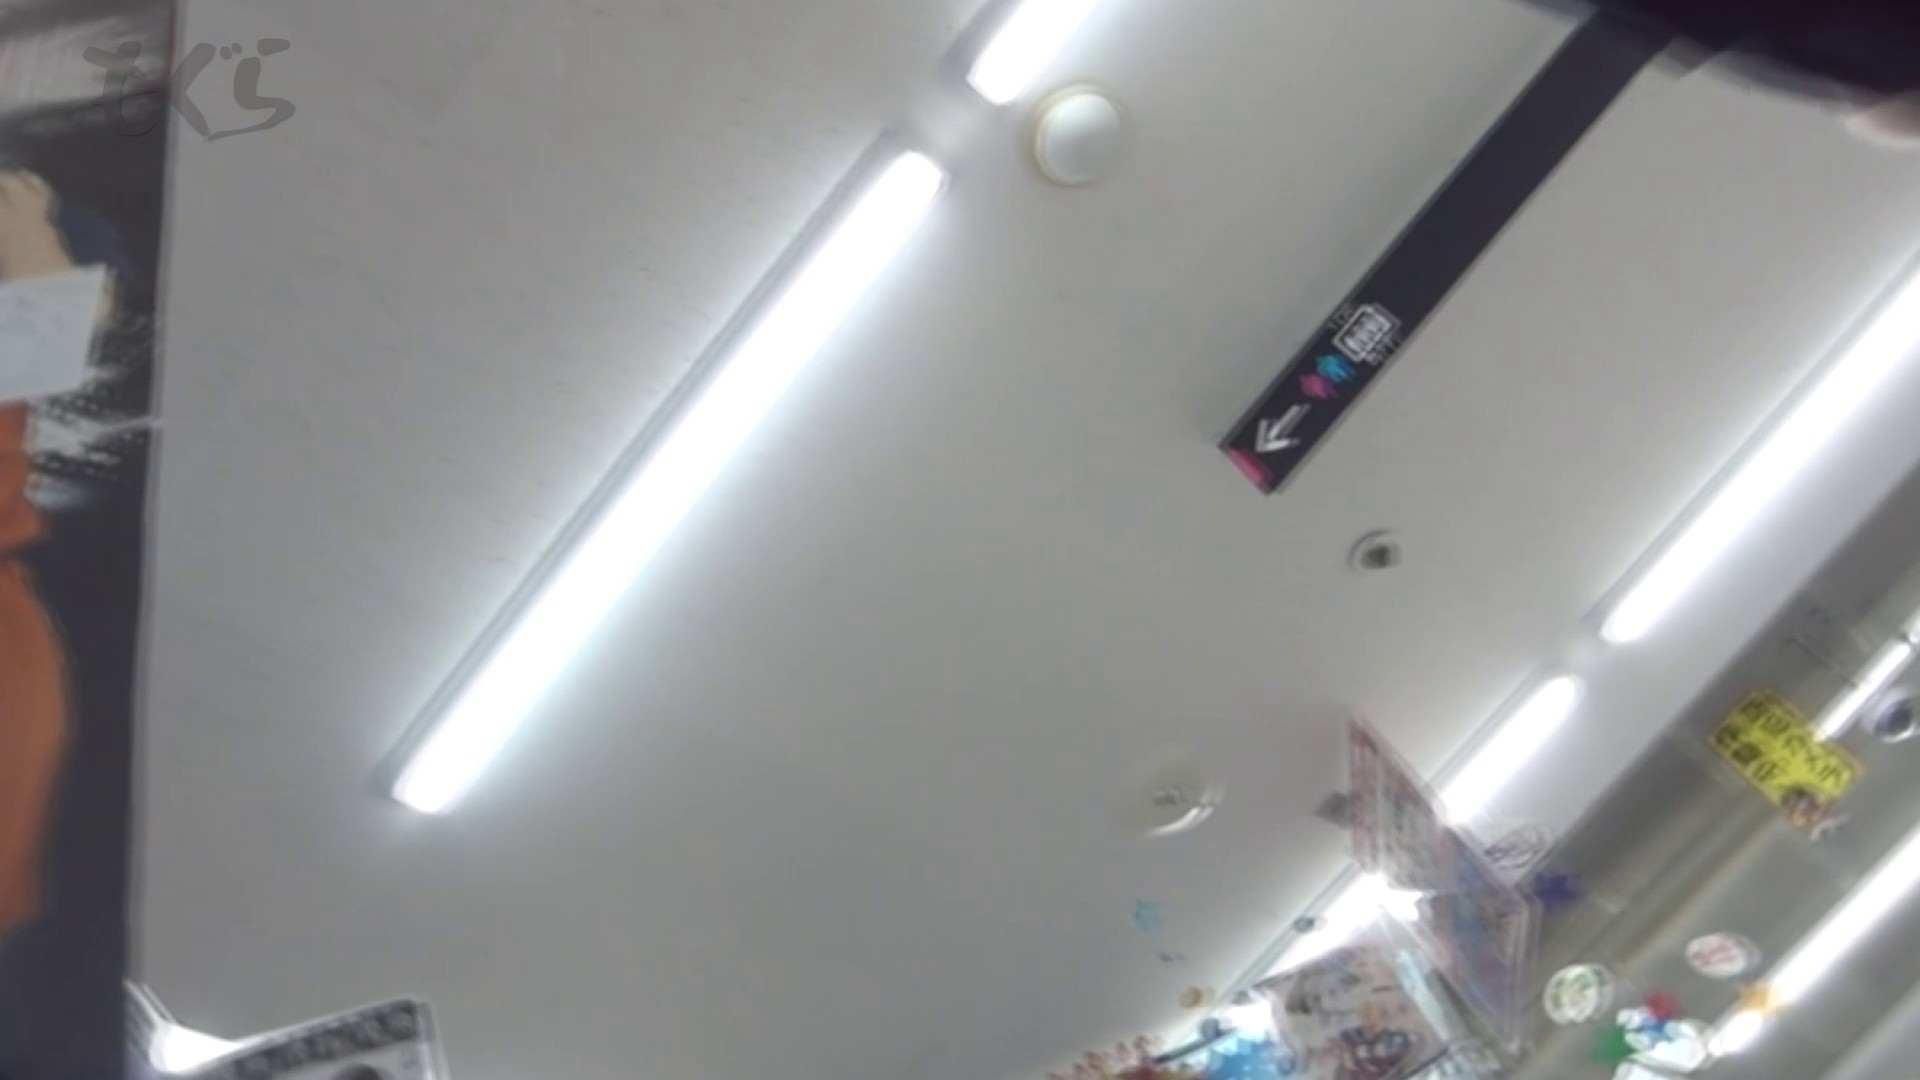 無修正エロ動画|隣からNo30 パンストから覗くパンツ!!エロいです。|怪盗ジョーカー